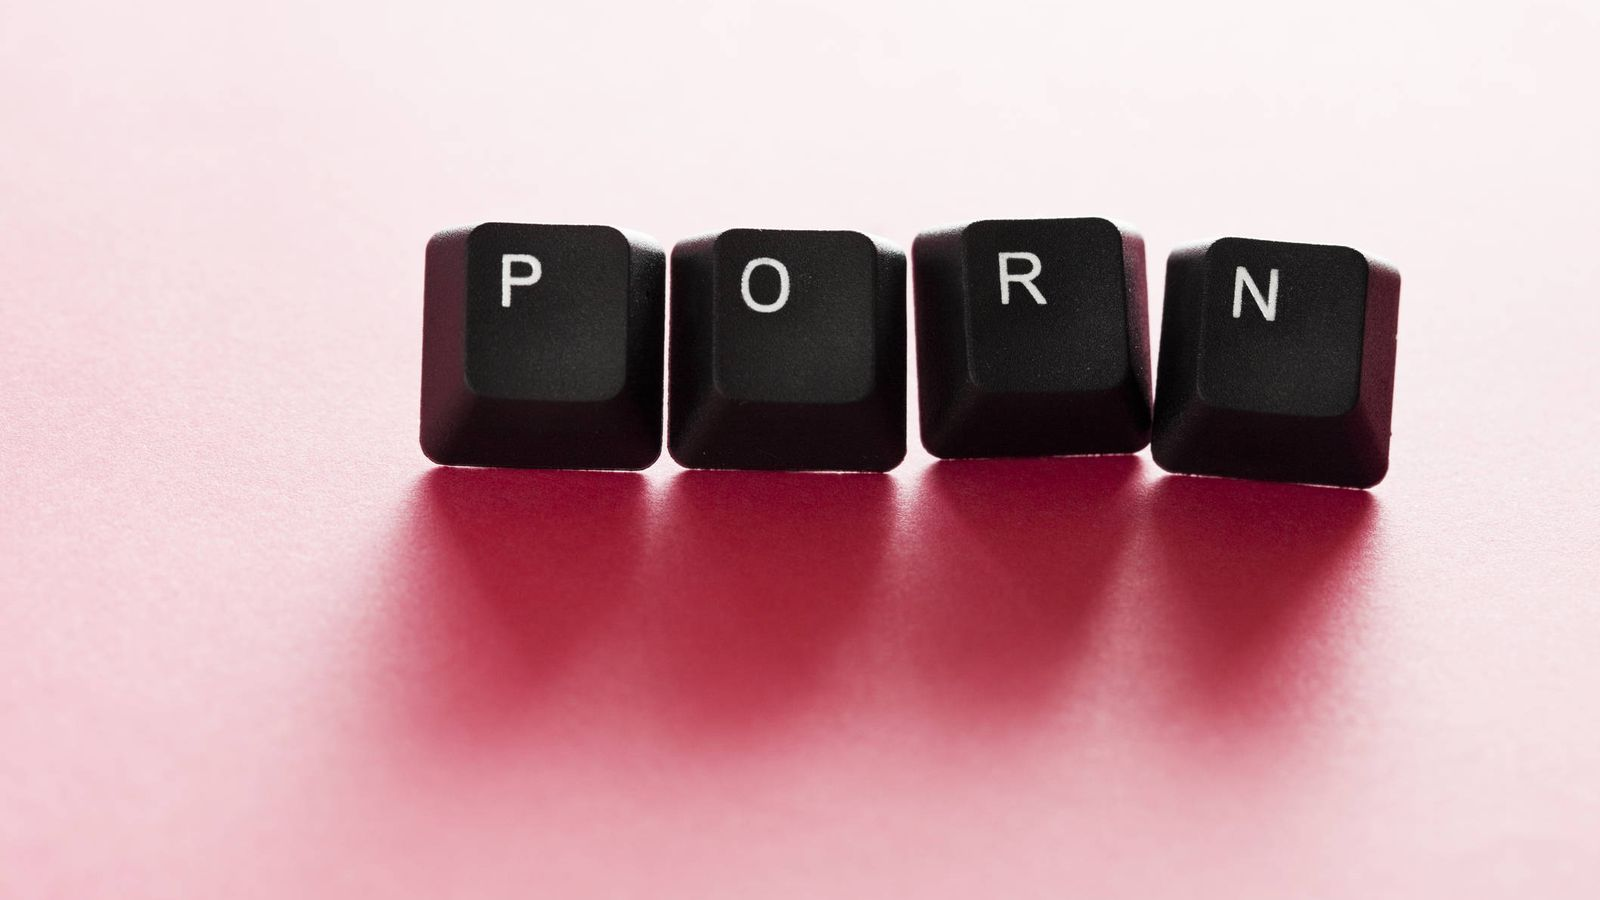 Actriz Porno Que Critica Los Deportes pornografía: lo que les está pasando a las actrices en la